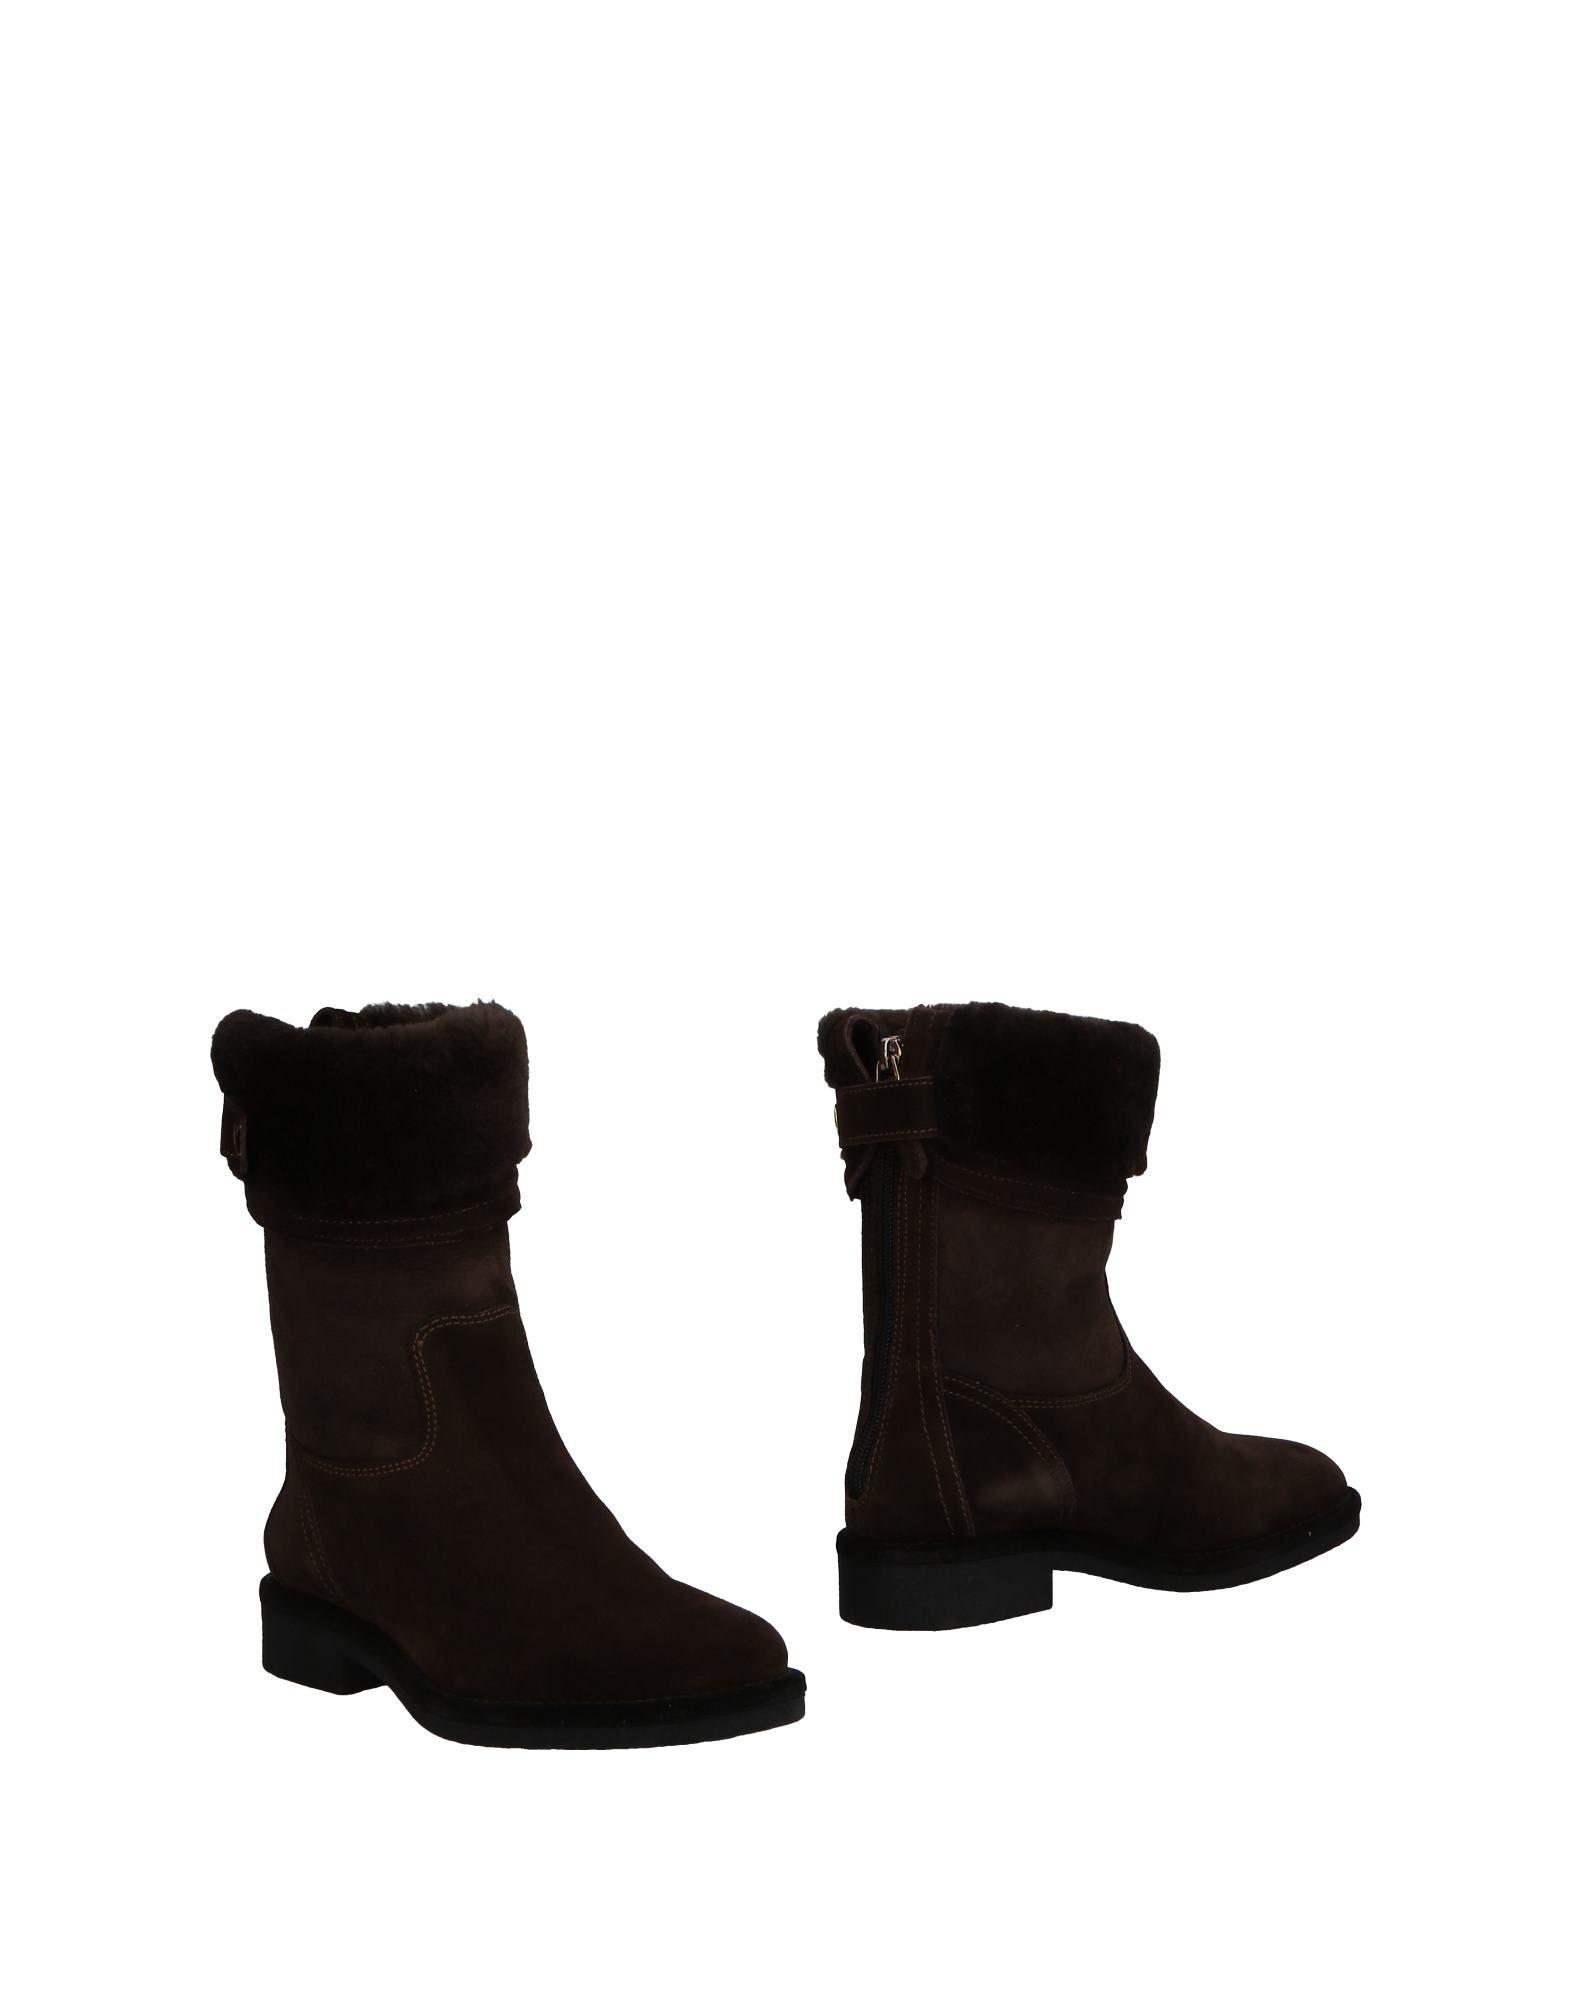 Zamagni Boots Boots - Women Zamagni Boots Zamagni online on  Australia - 11502682LQ 2b3071